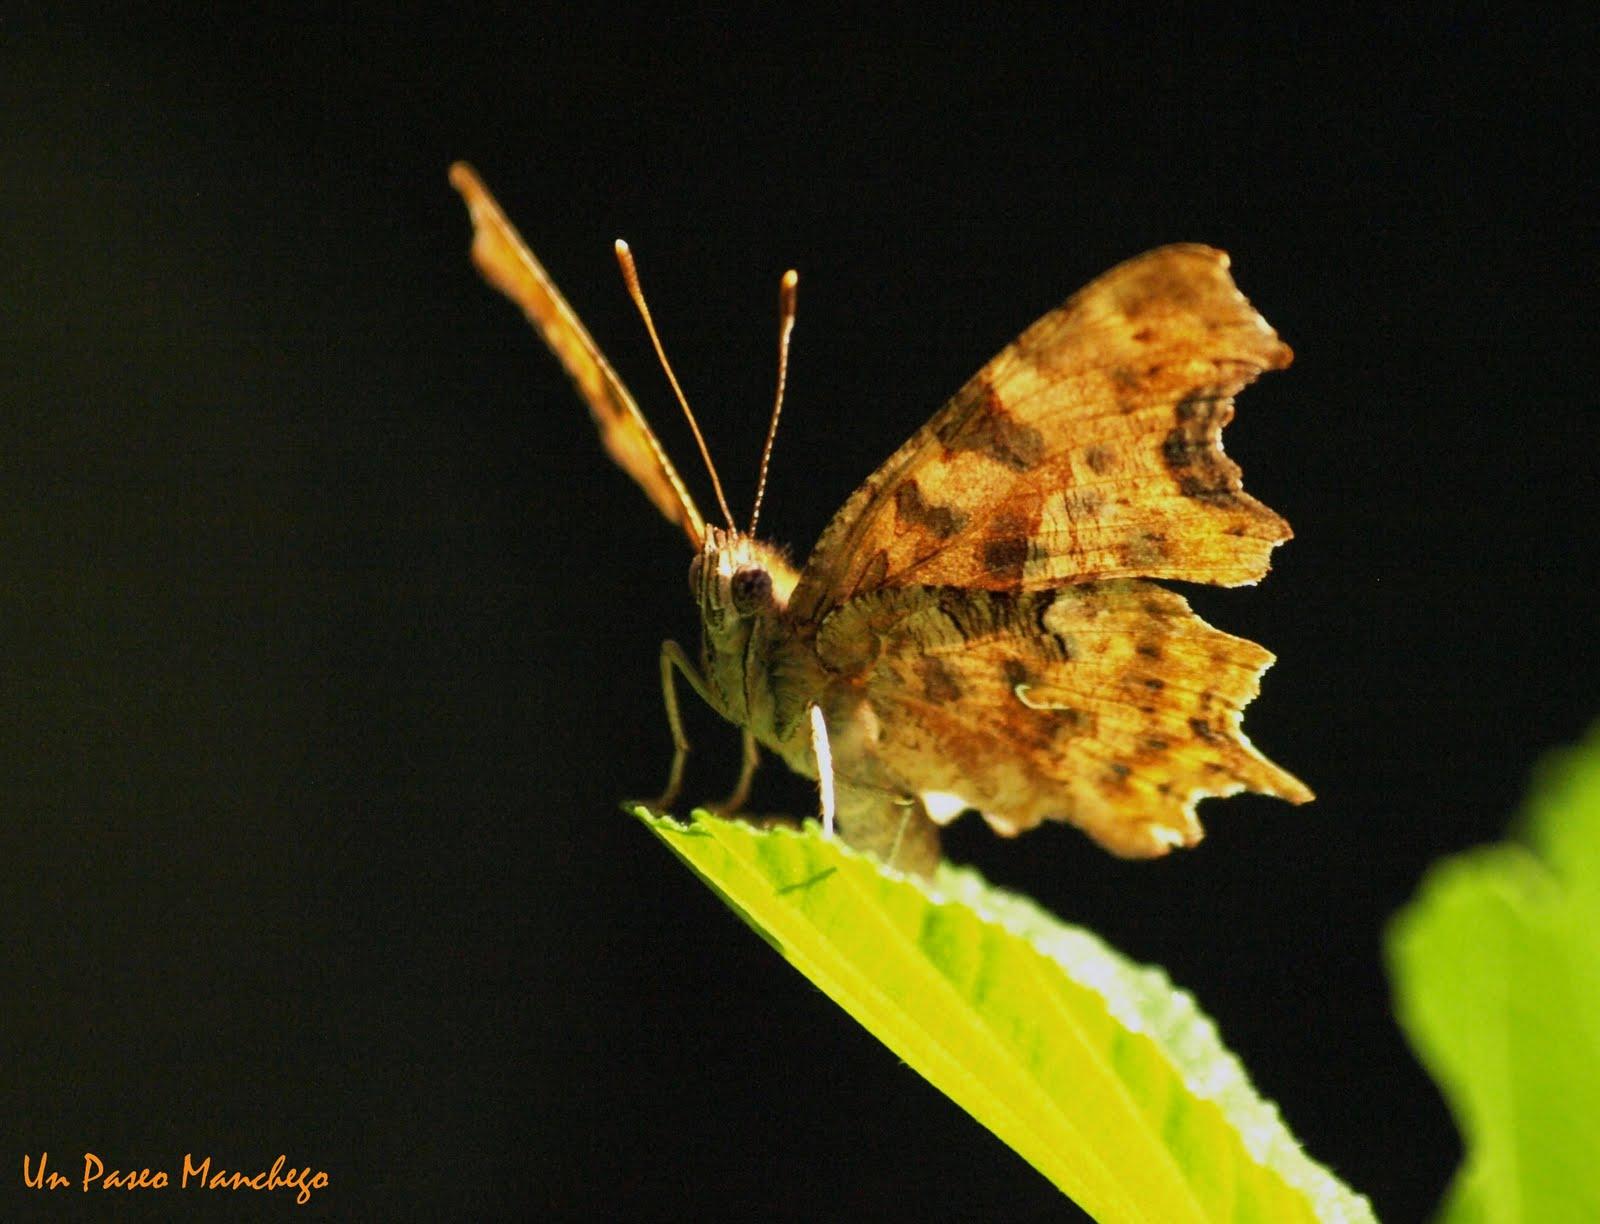 Un Paseo Manchego: La Mariposa C-blanca.